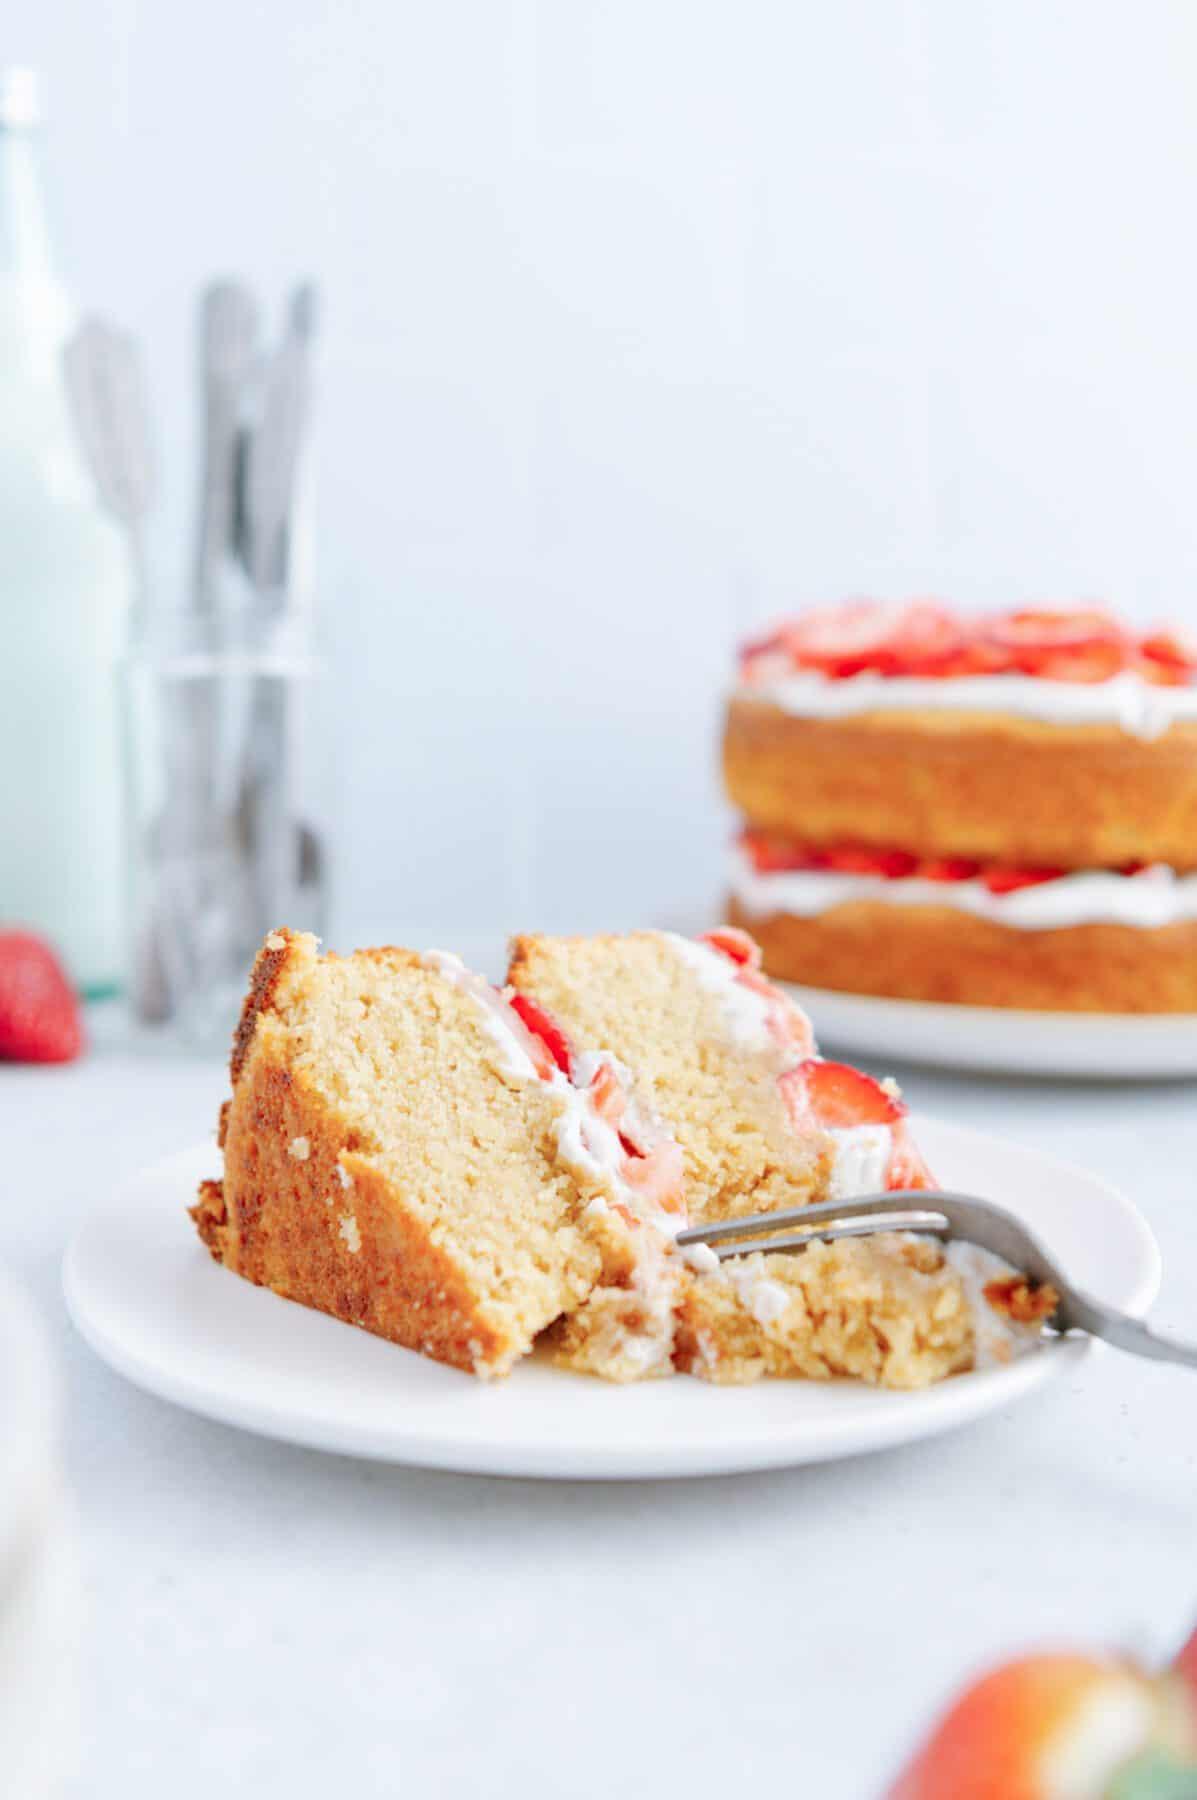 Slice of Vegan Paleo Strawberry Shortcake